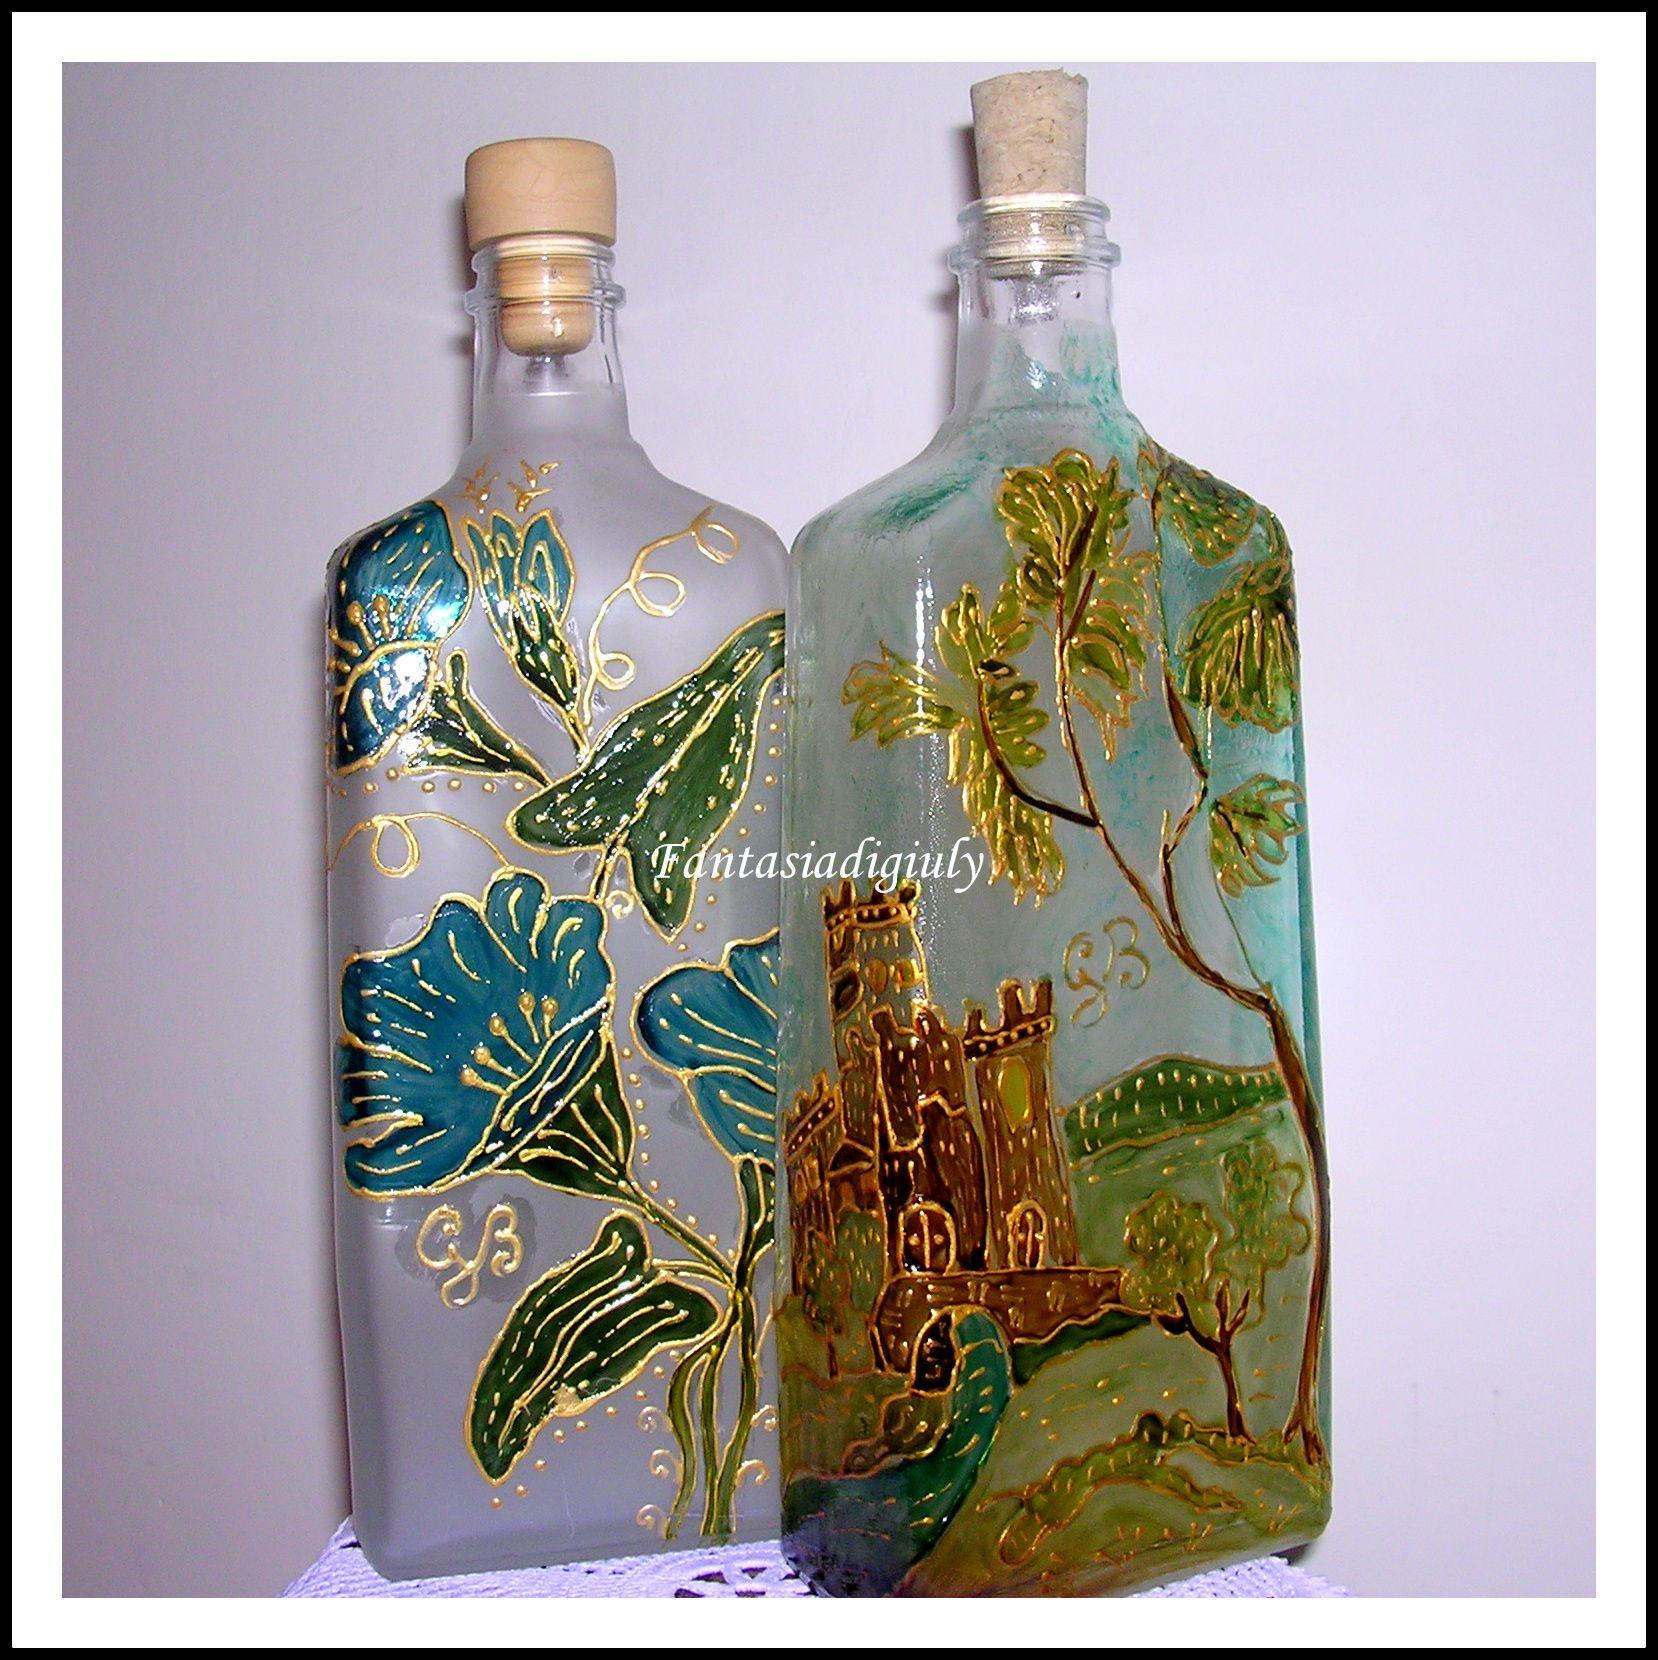 Creazione di giuliana b pittura su vetro www - Bottiglie vetro decorate ...